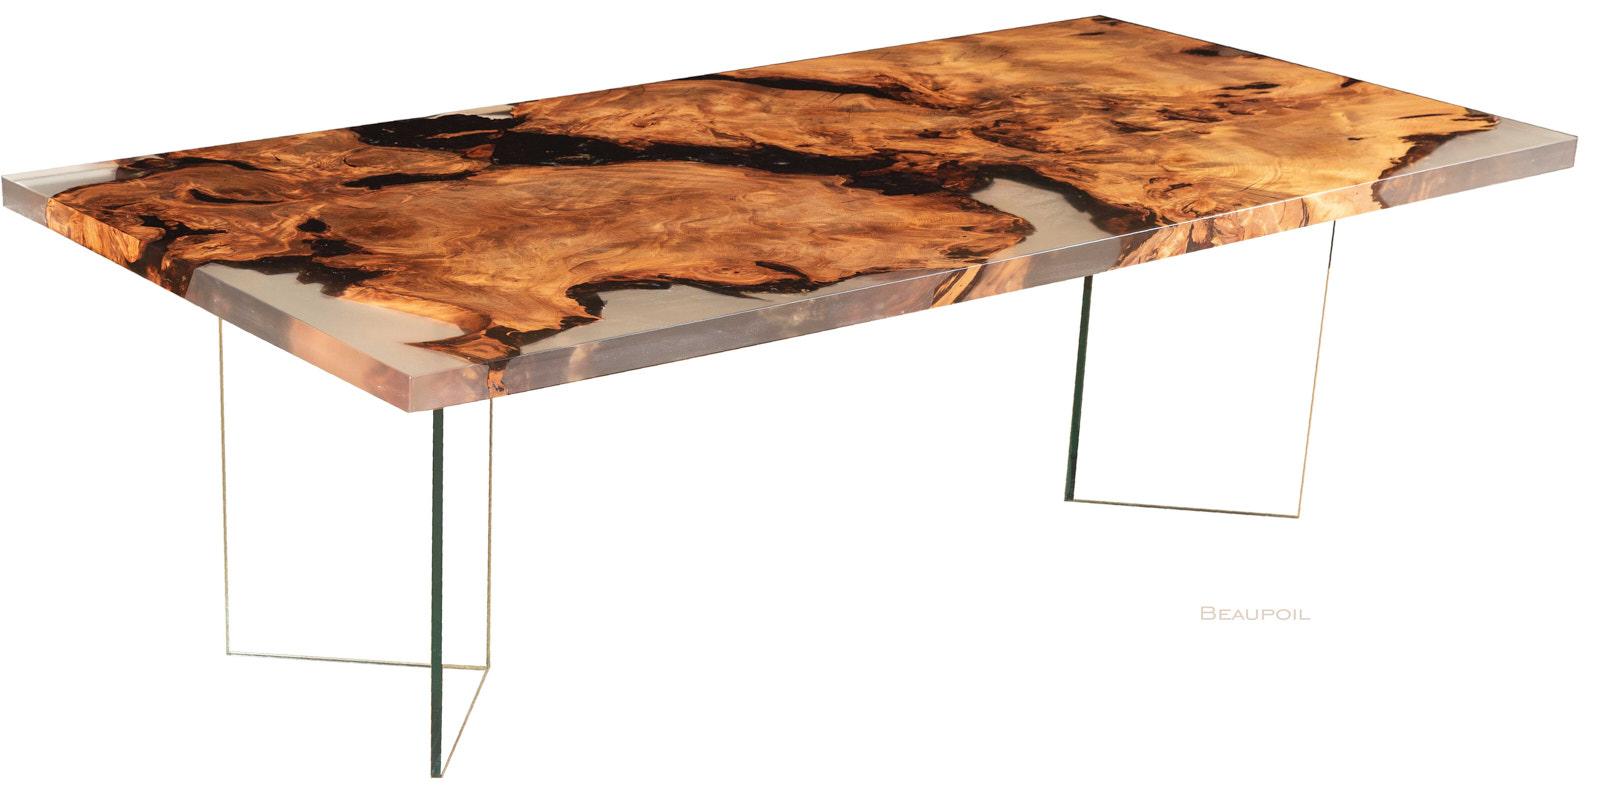 Exklusives Designmöbel als Kauri Wurzel Holztisch mit modernen Glasfüßen und als wertvoller Esstisch nutzbar, gleichzeitig eine Geldanlage